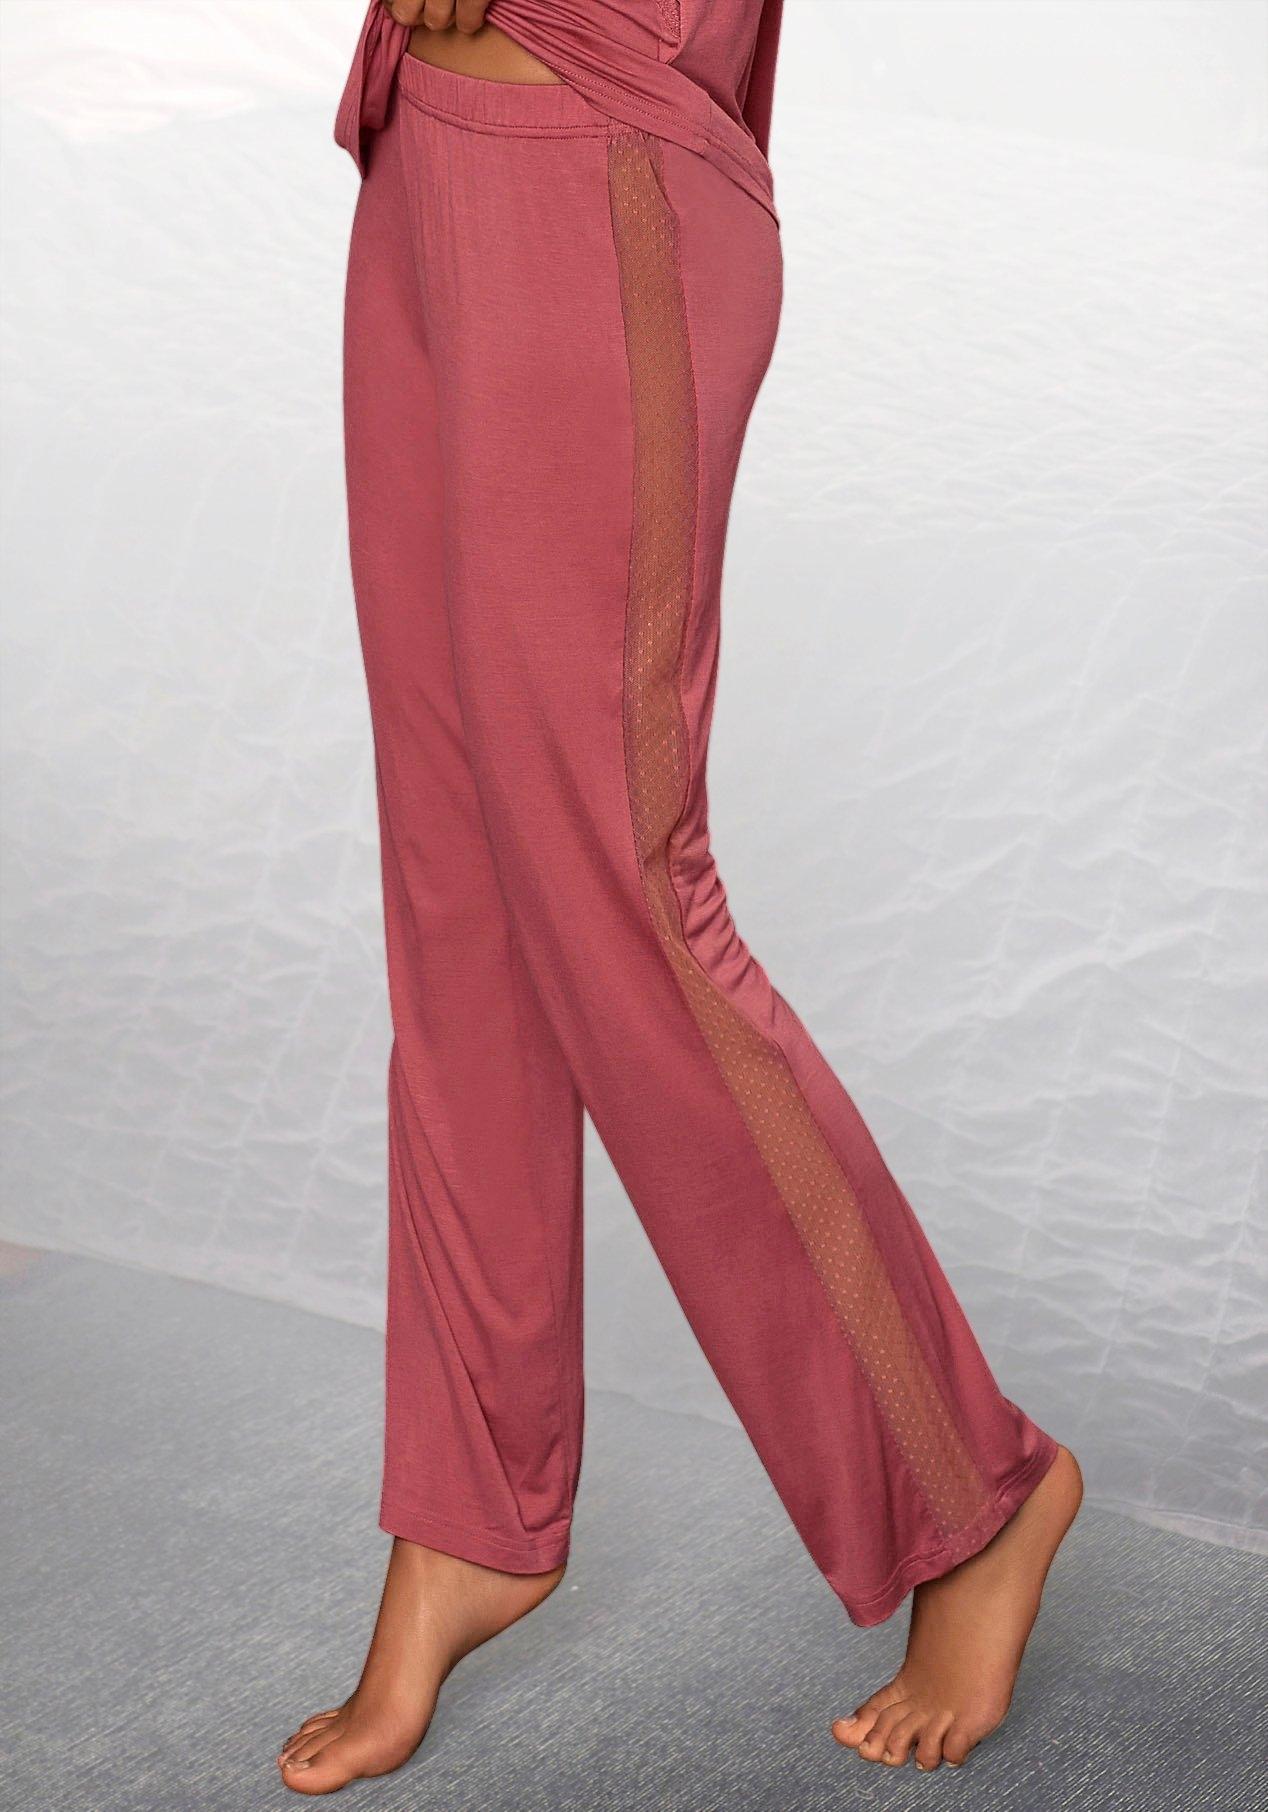 Op zoek naar een Lascana pyjamabroek met strepen opzij van transparante kant? Koop online bij Lascana